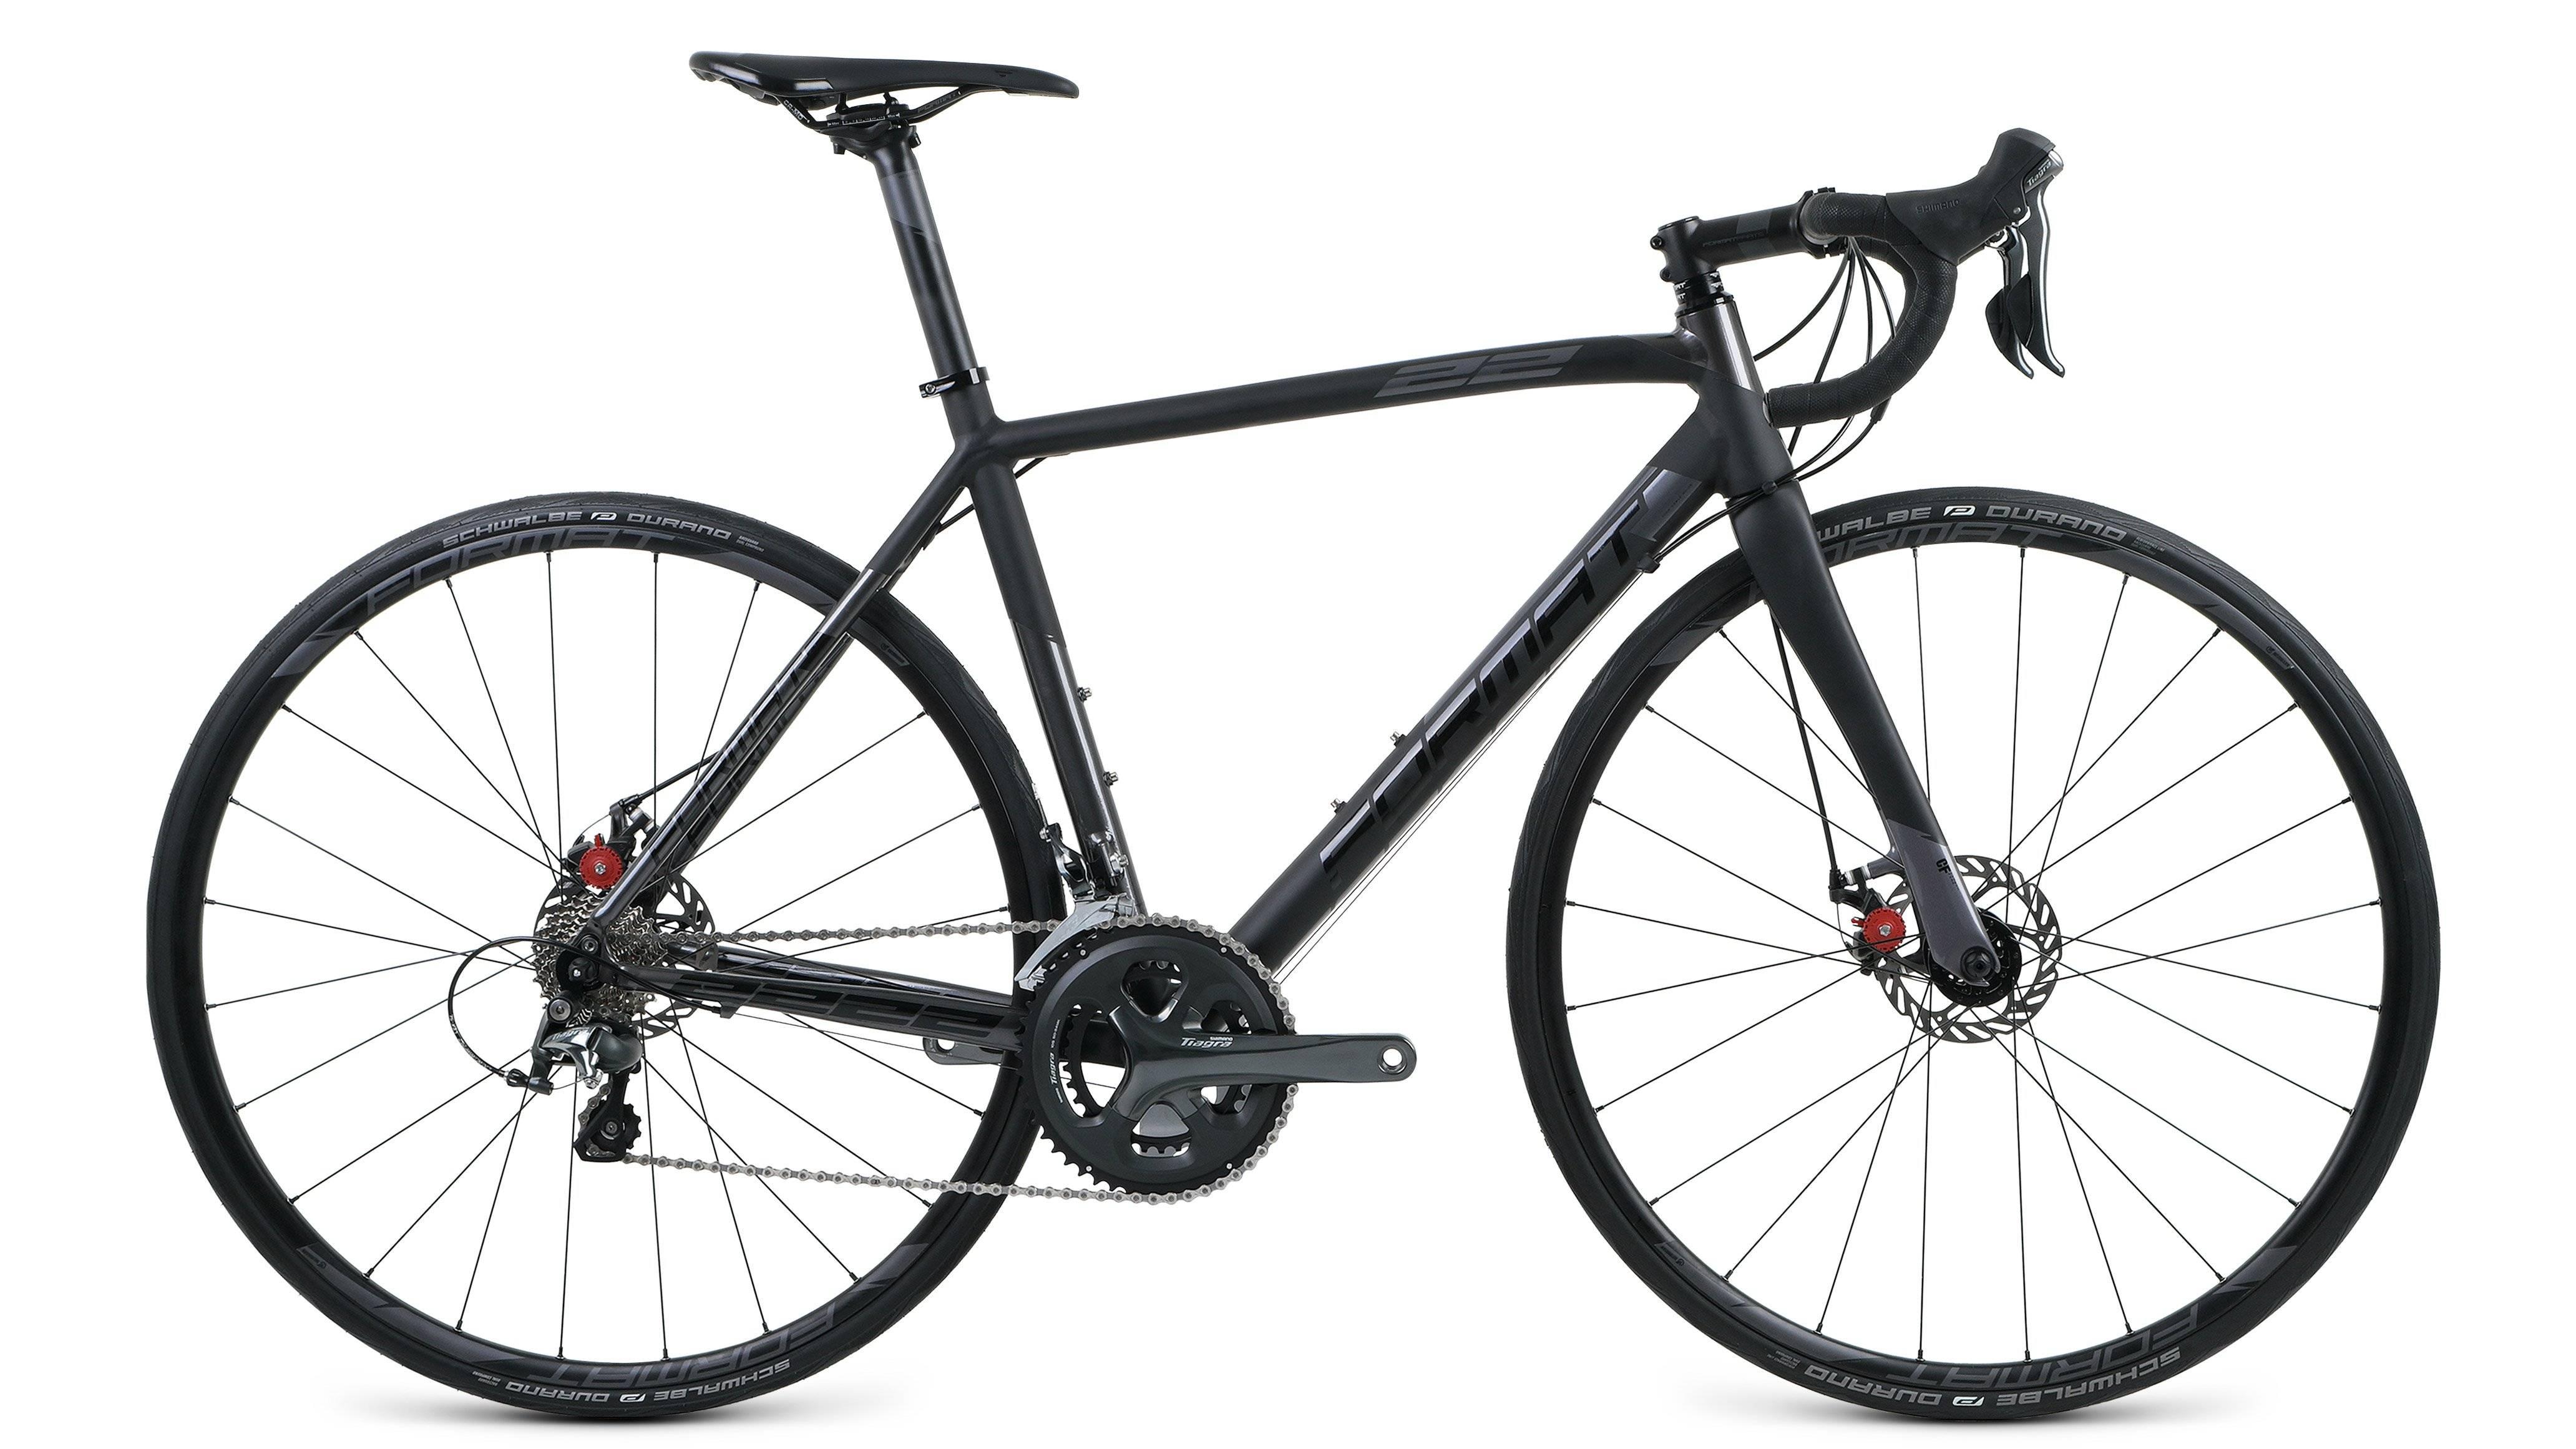 Купить Format 2222 2017, Велосипед FORMAT (700C 20 ск. рост 500 мм) 2016-2017